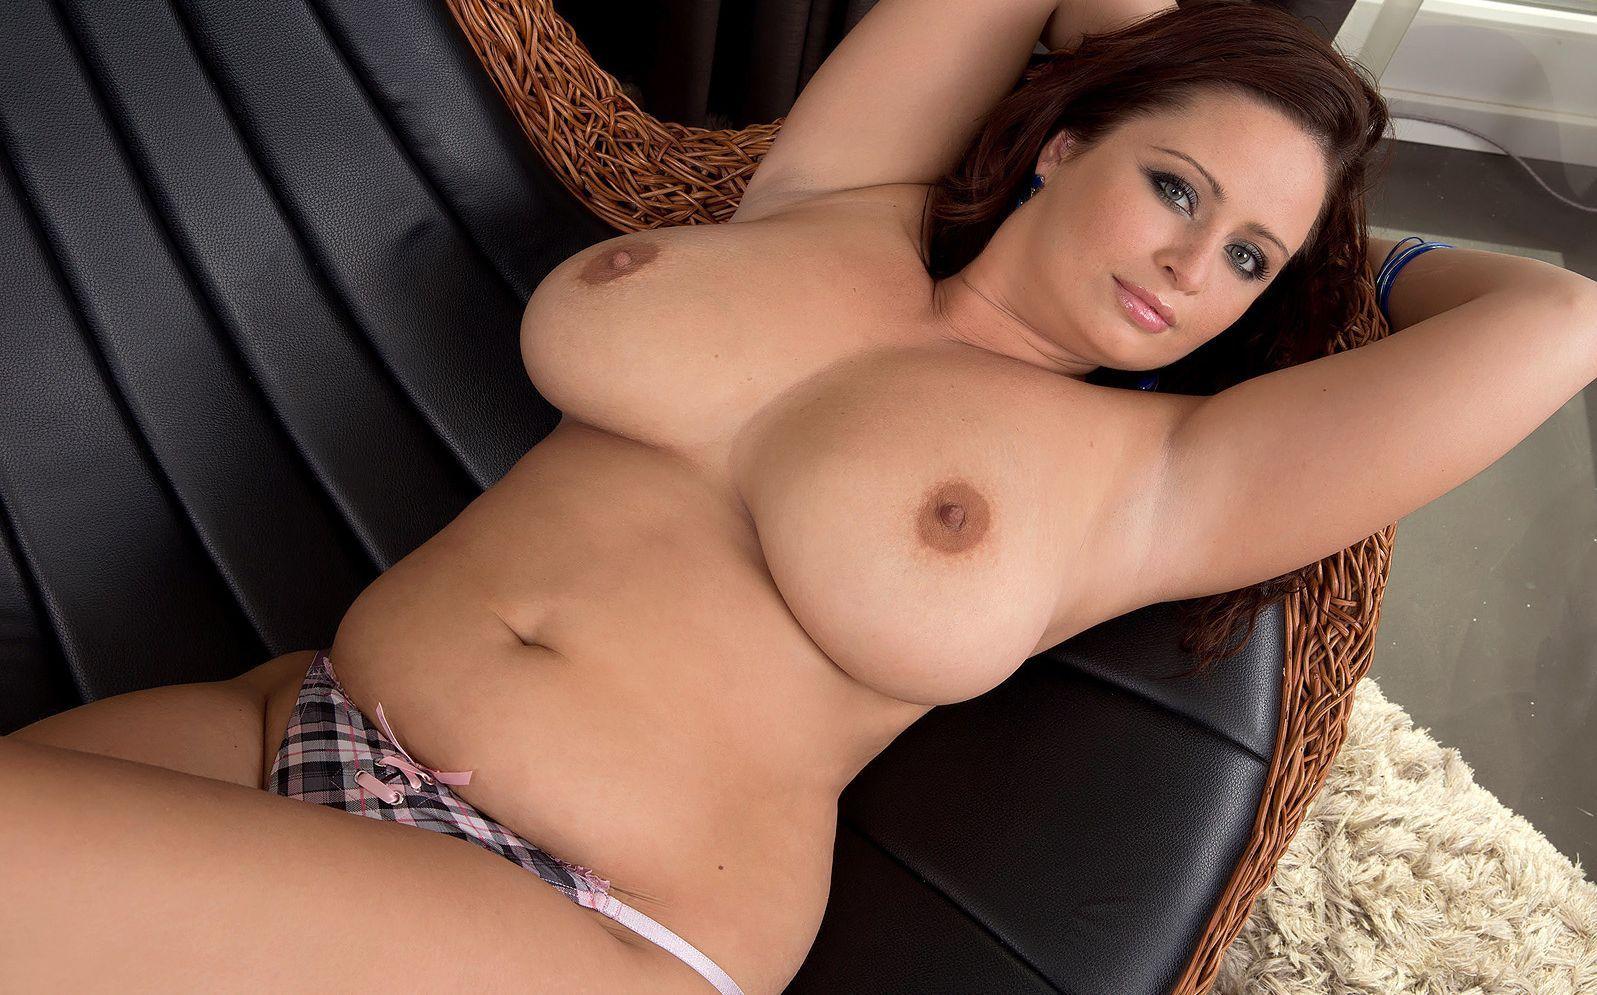 tamil actress boobs nude photos